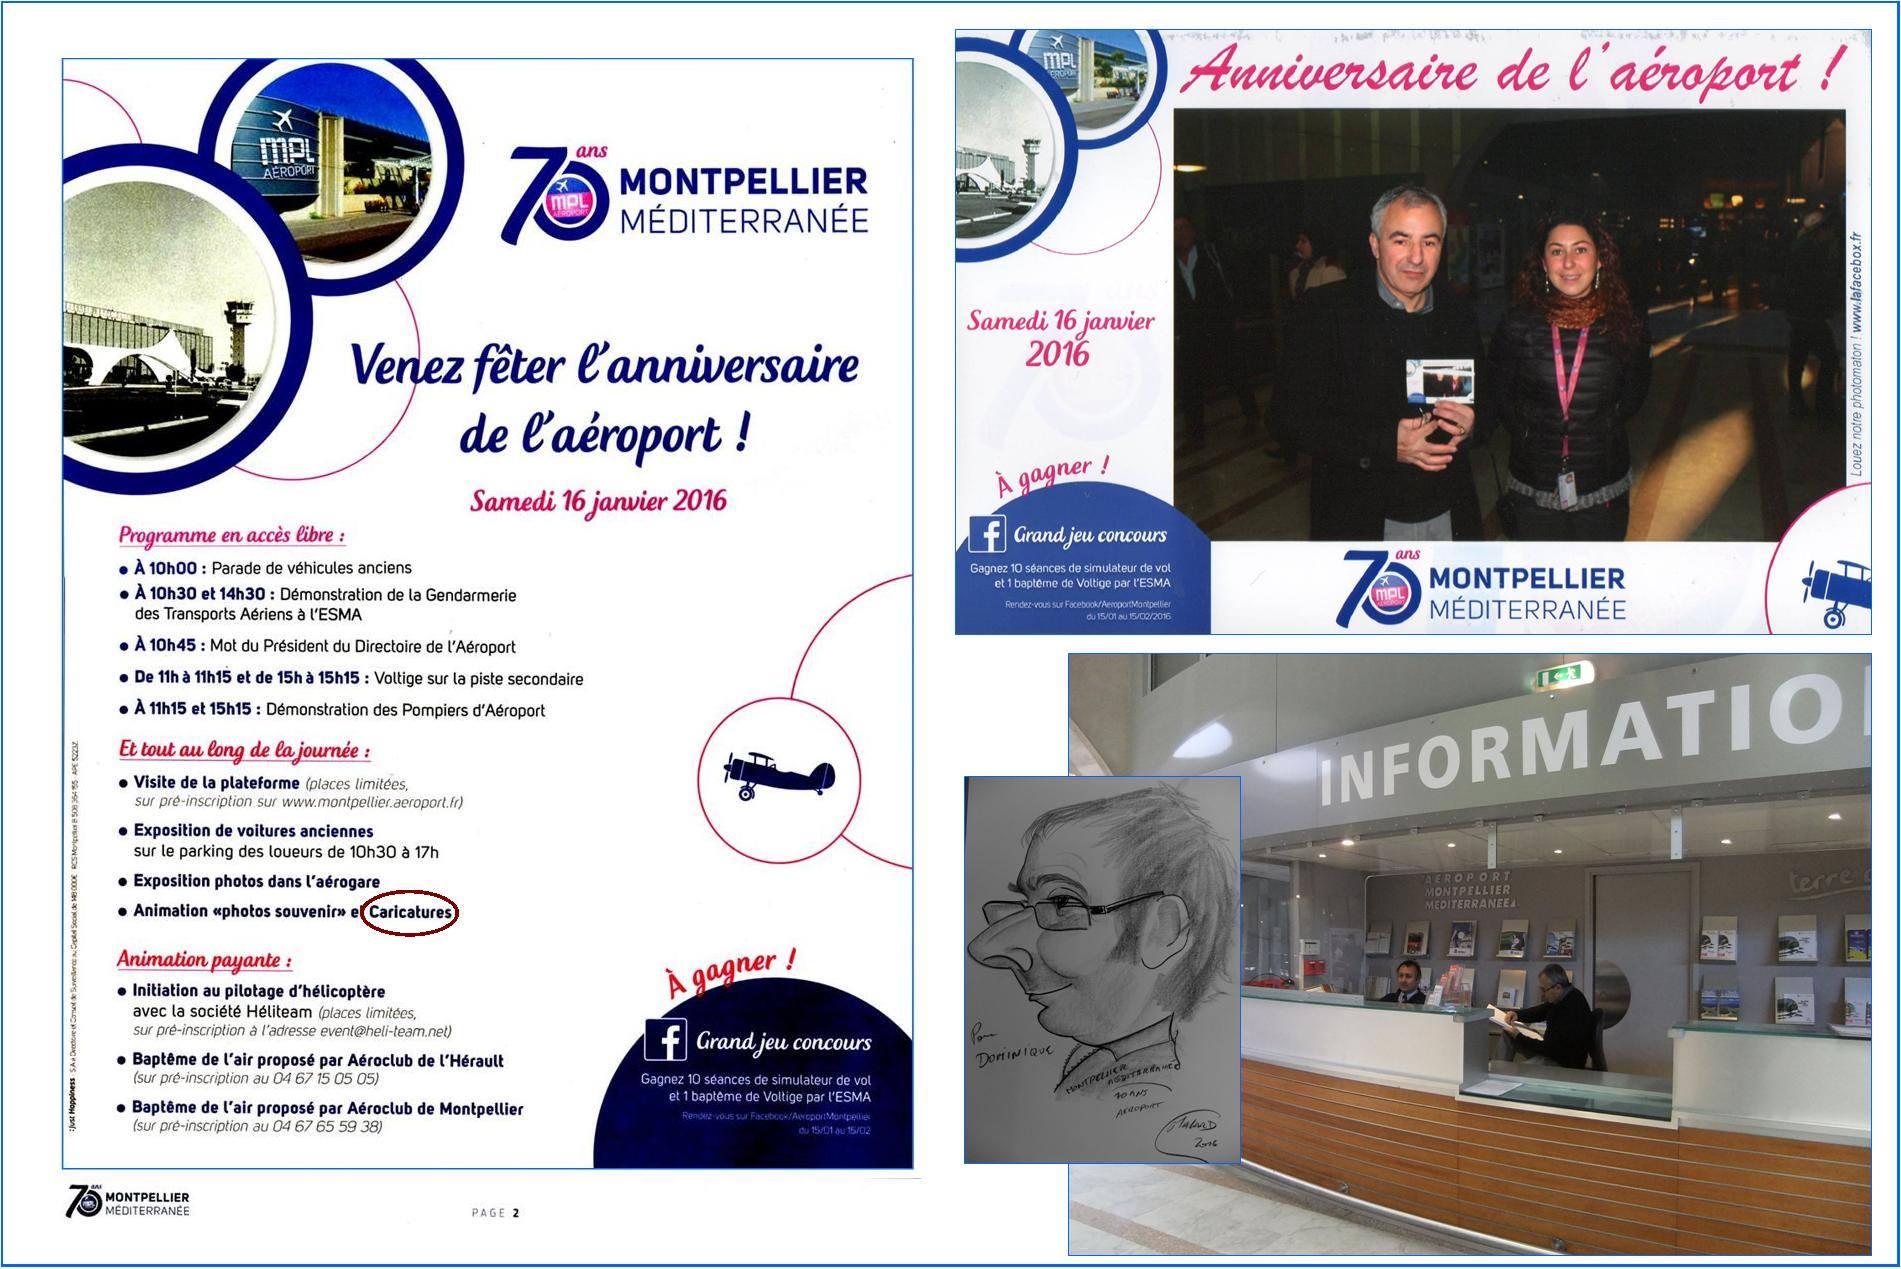 16 janvier 2016, animation Caricature pour les 70 ans de  l'aéroport Montpellier Méditerranée.